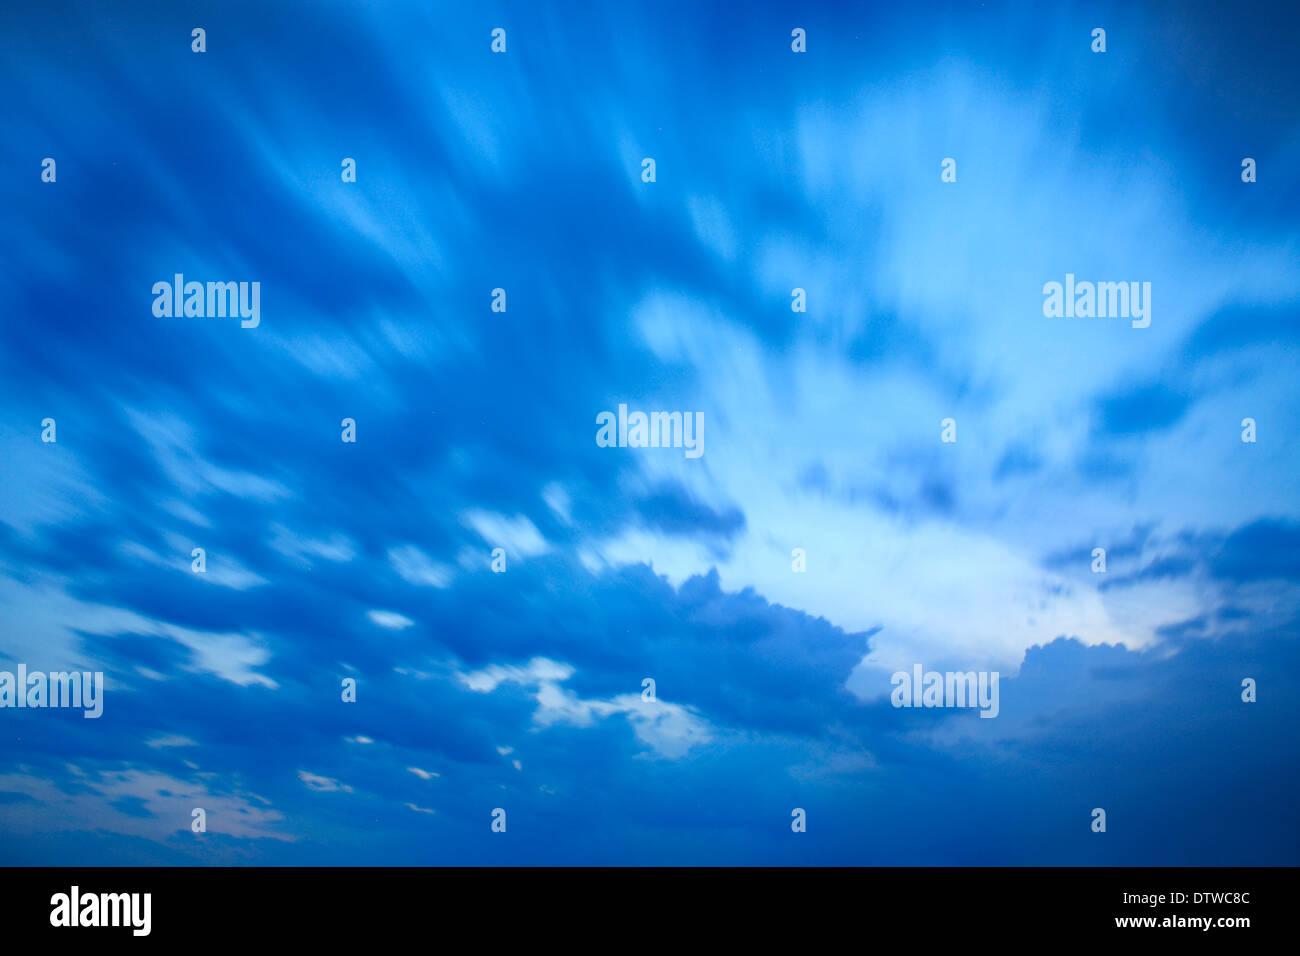 Himmel und Cloud-Szene, eine blaue und unruhigen Twilight Wolkengebilde In Bewegungsunschärfe Stockbild